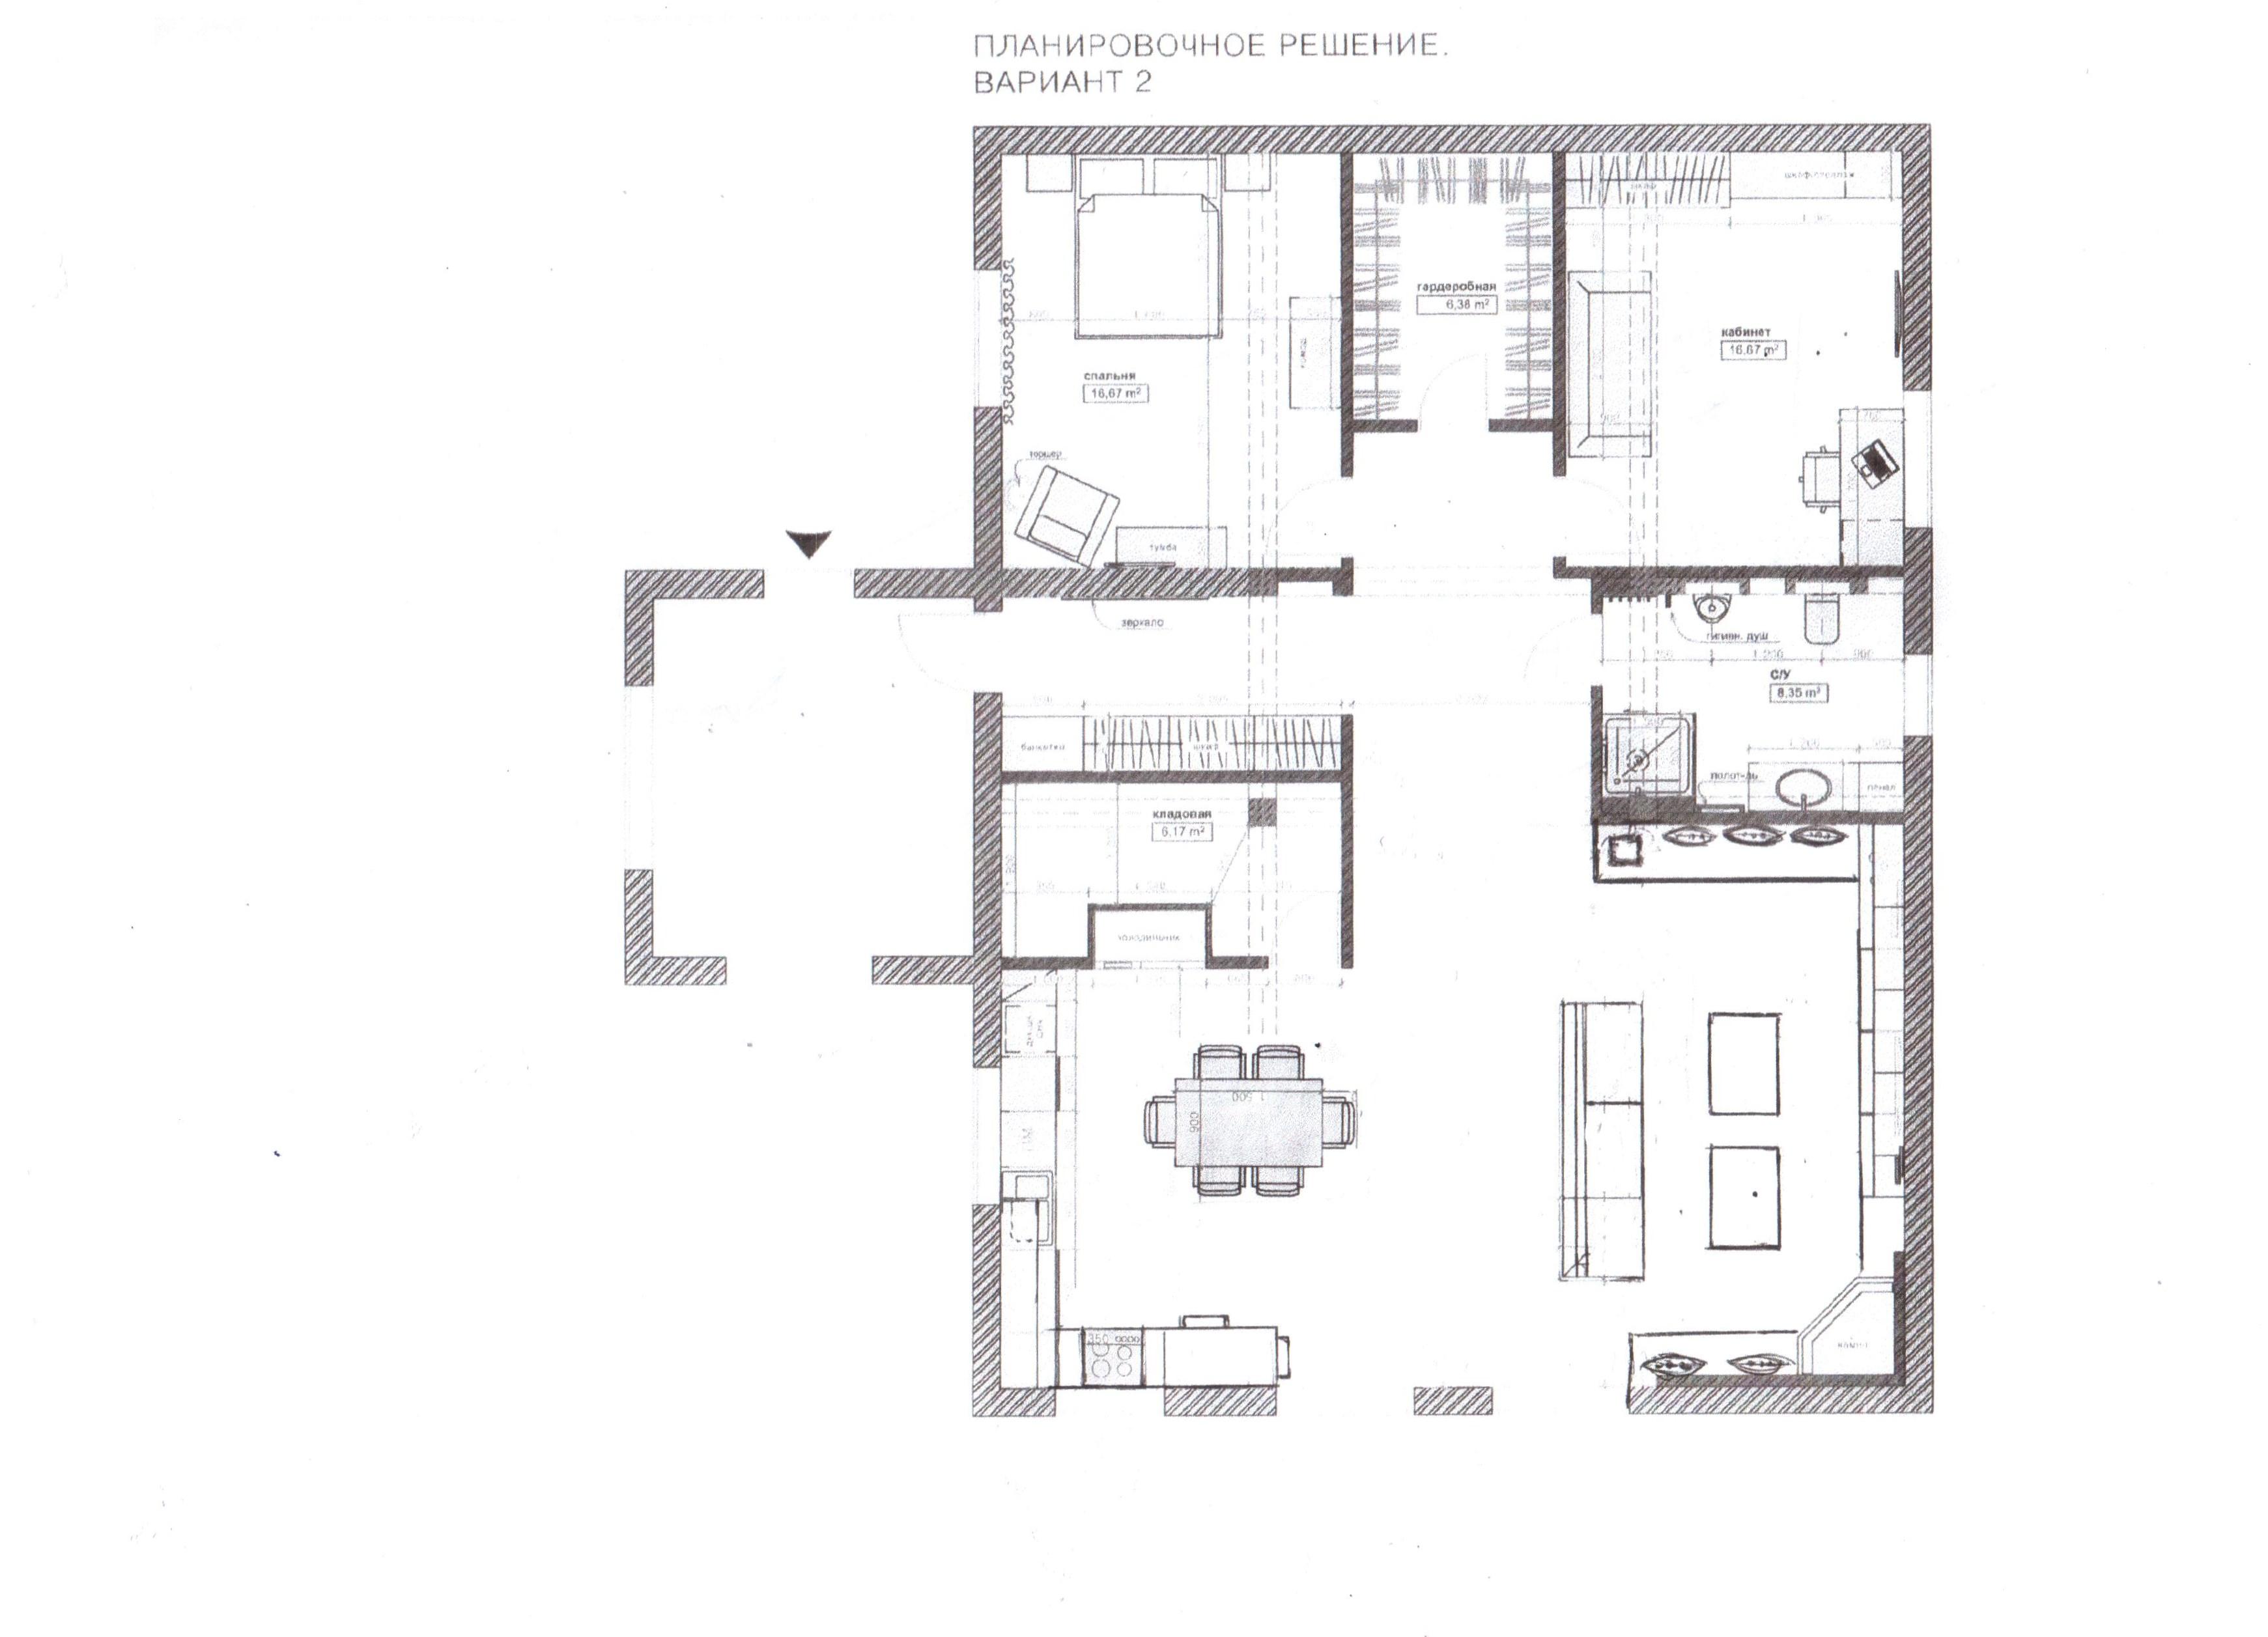 Разработка дизайна интерьера комнаты фото f_1435a336ac0c3b8f.jpg